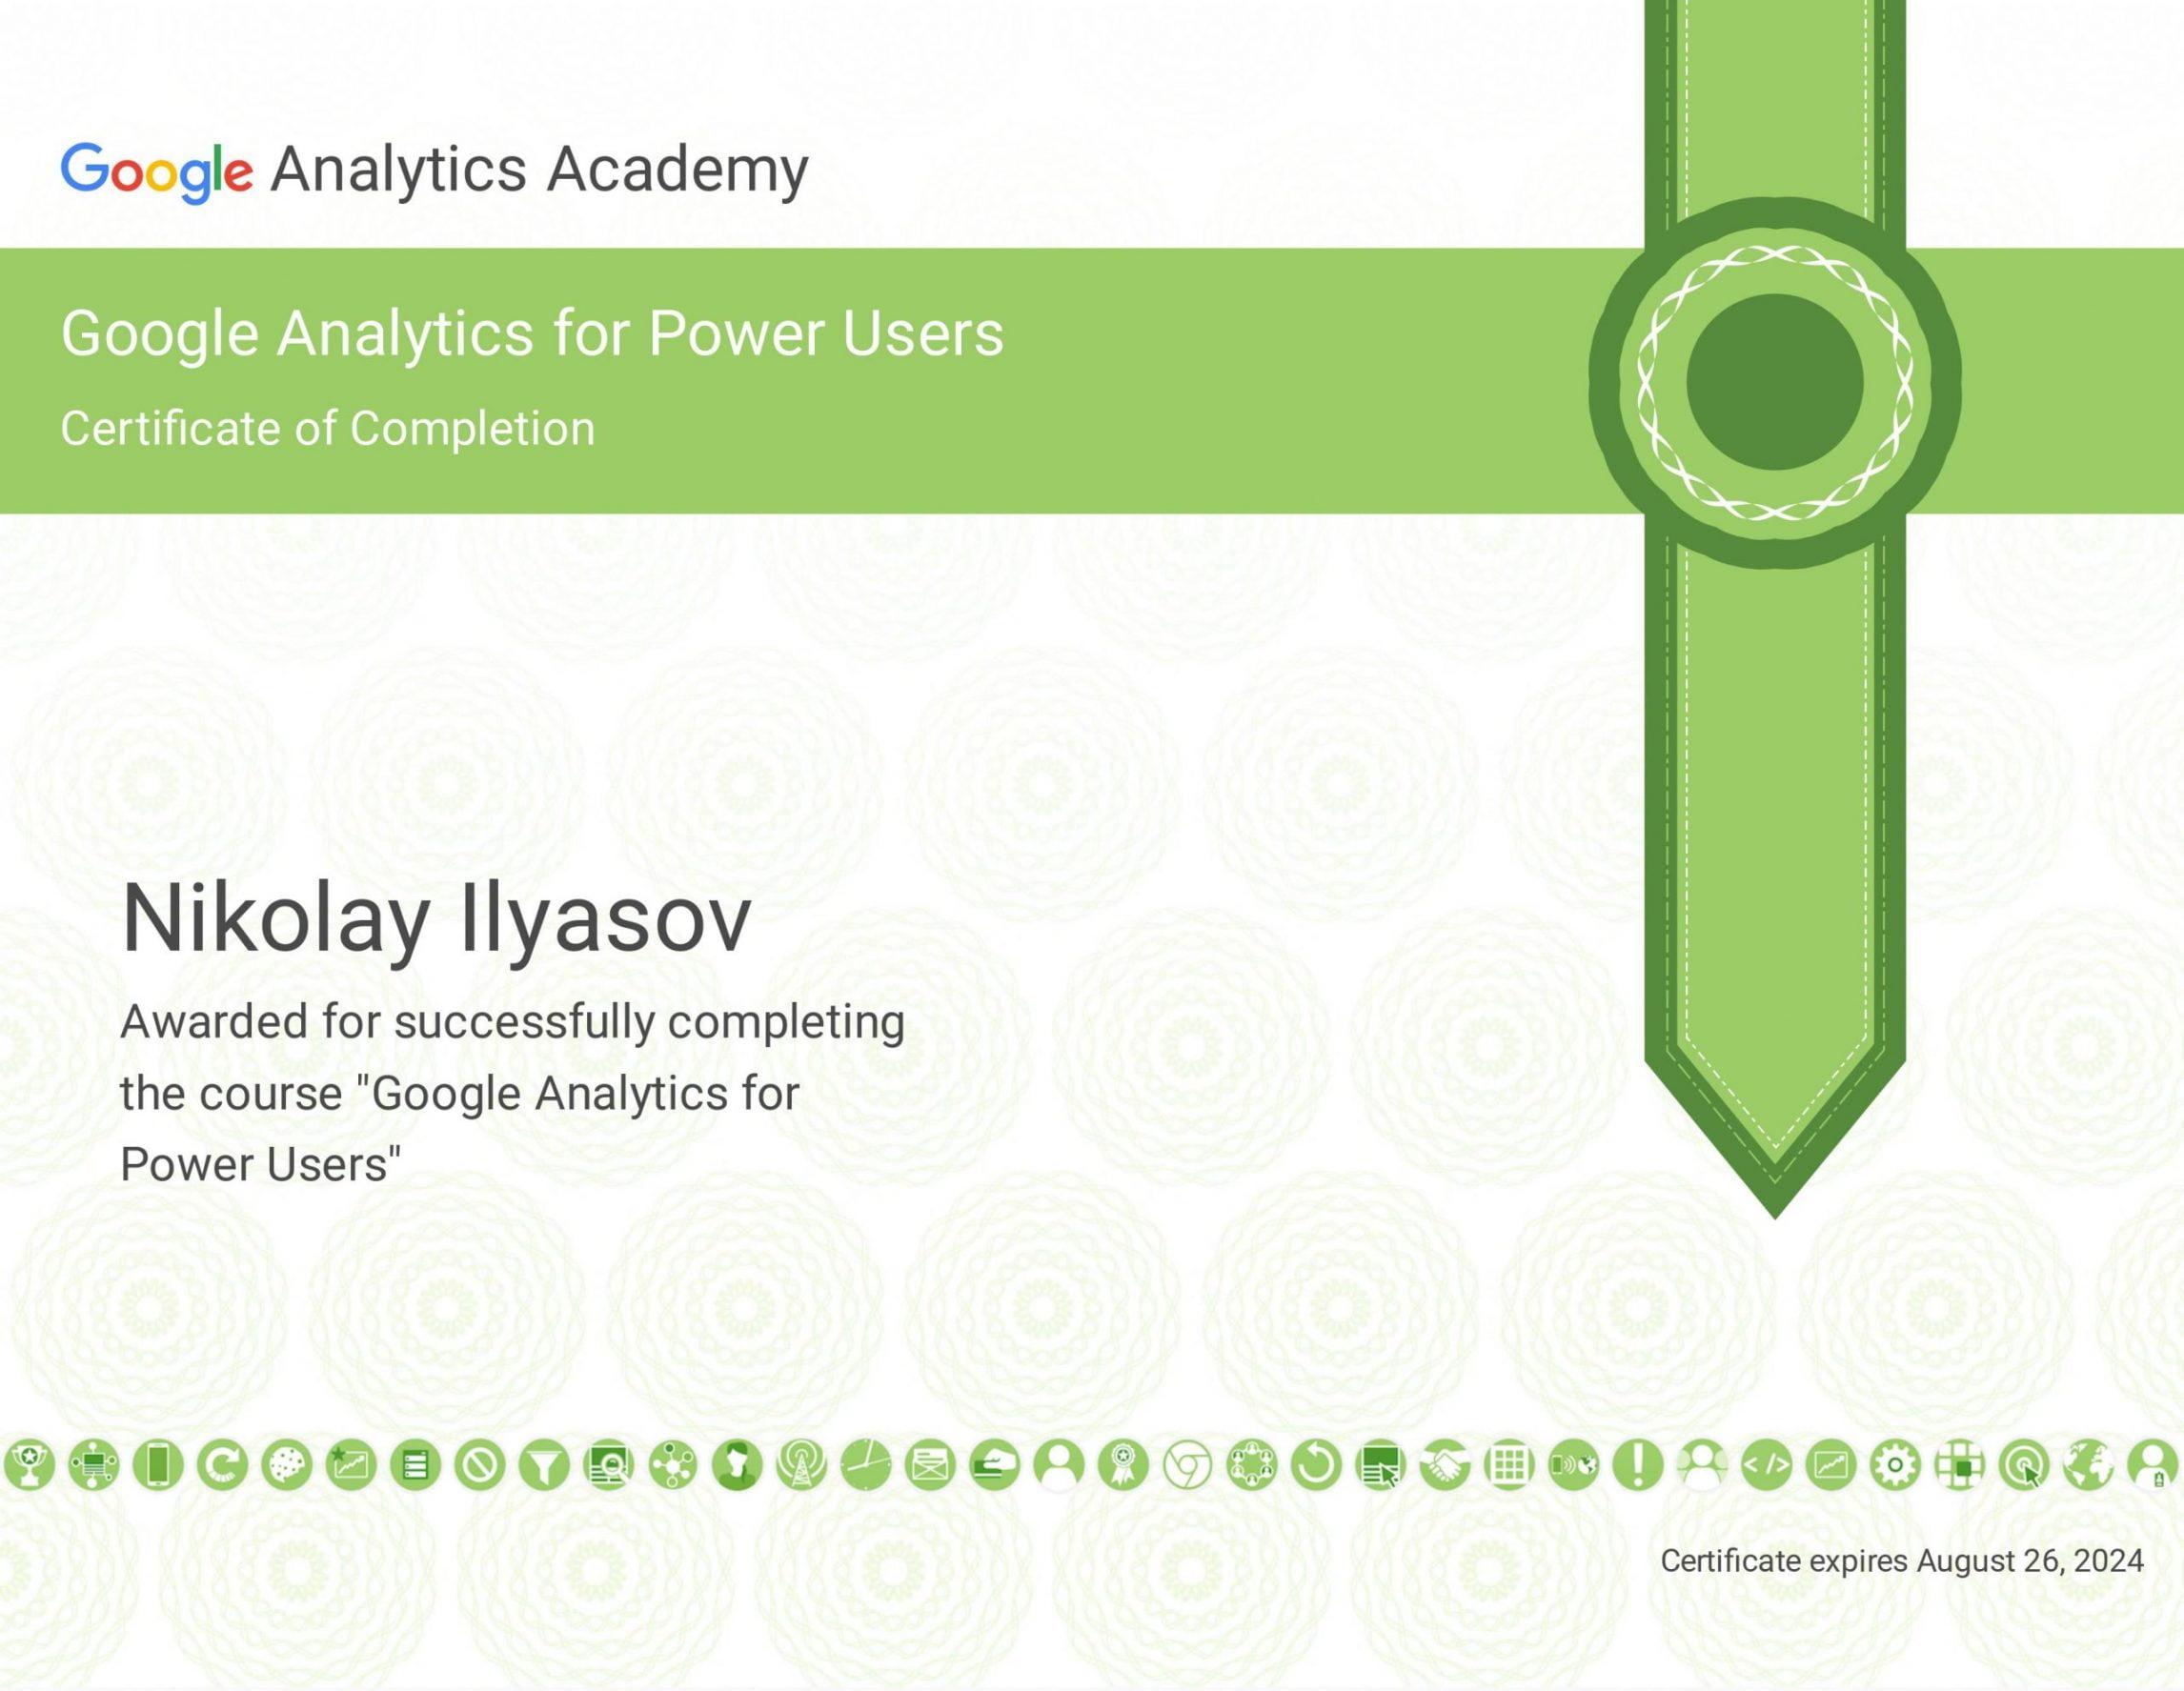 Ильясов Николай - сертификат